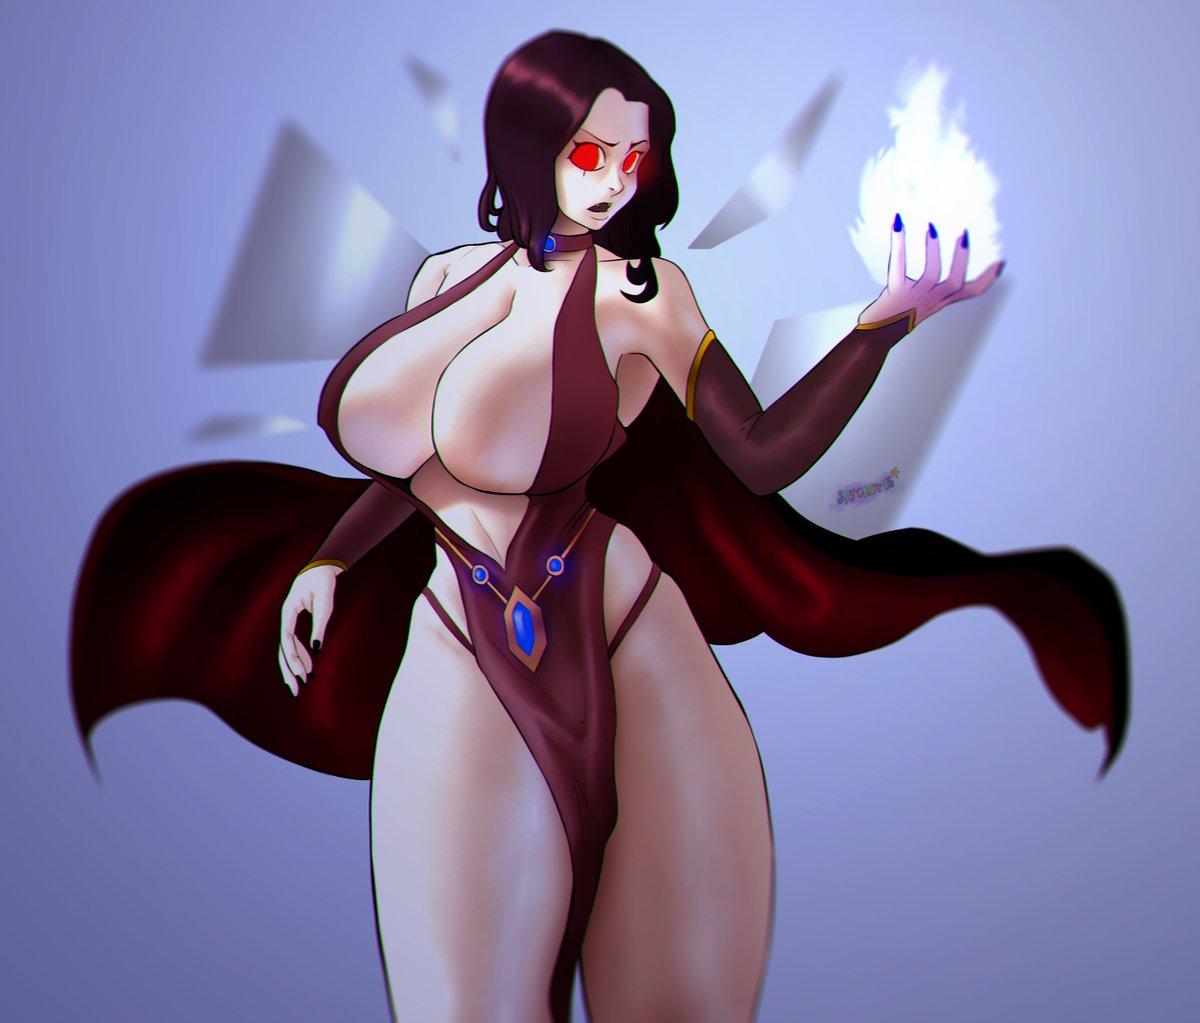 Vampire commission